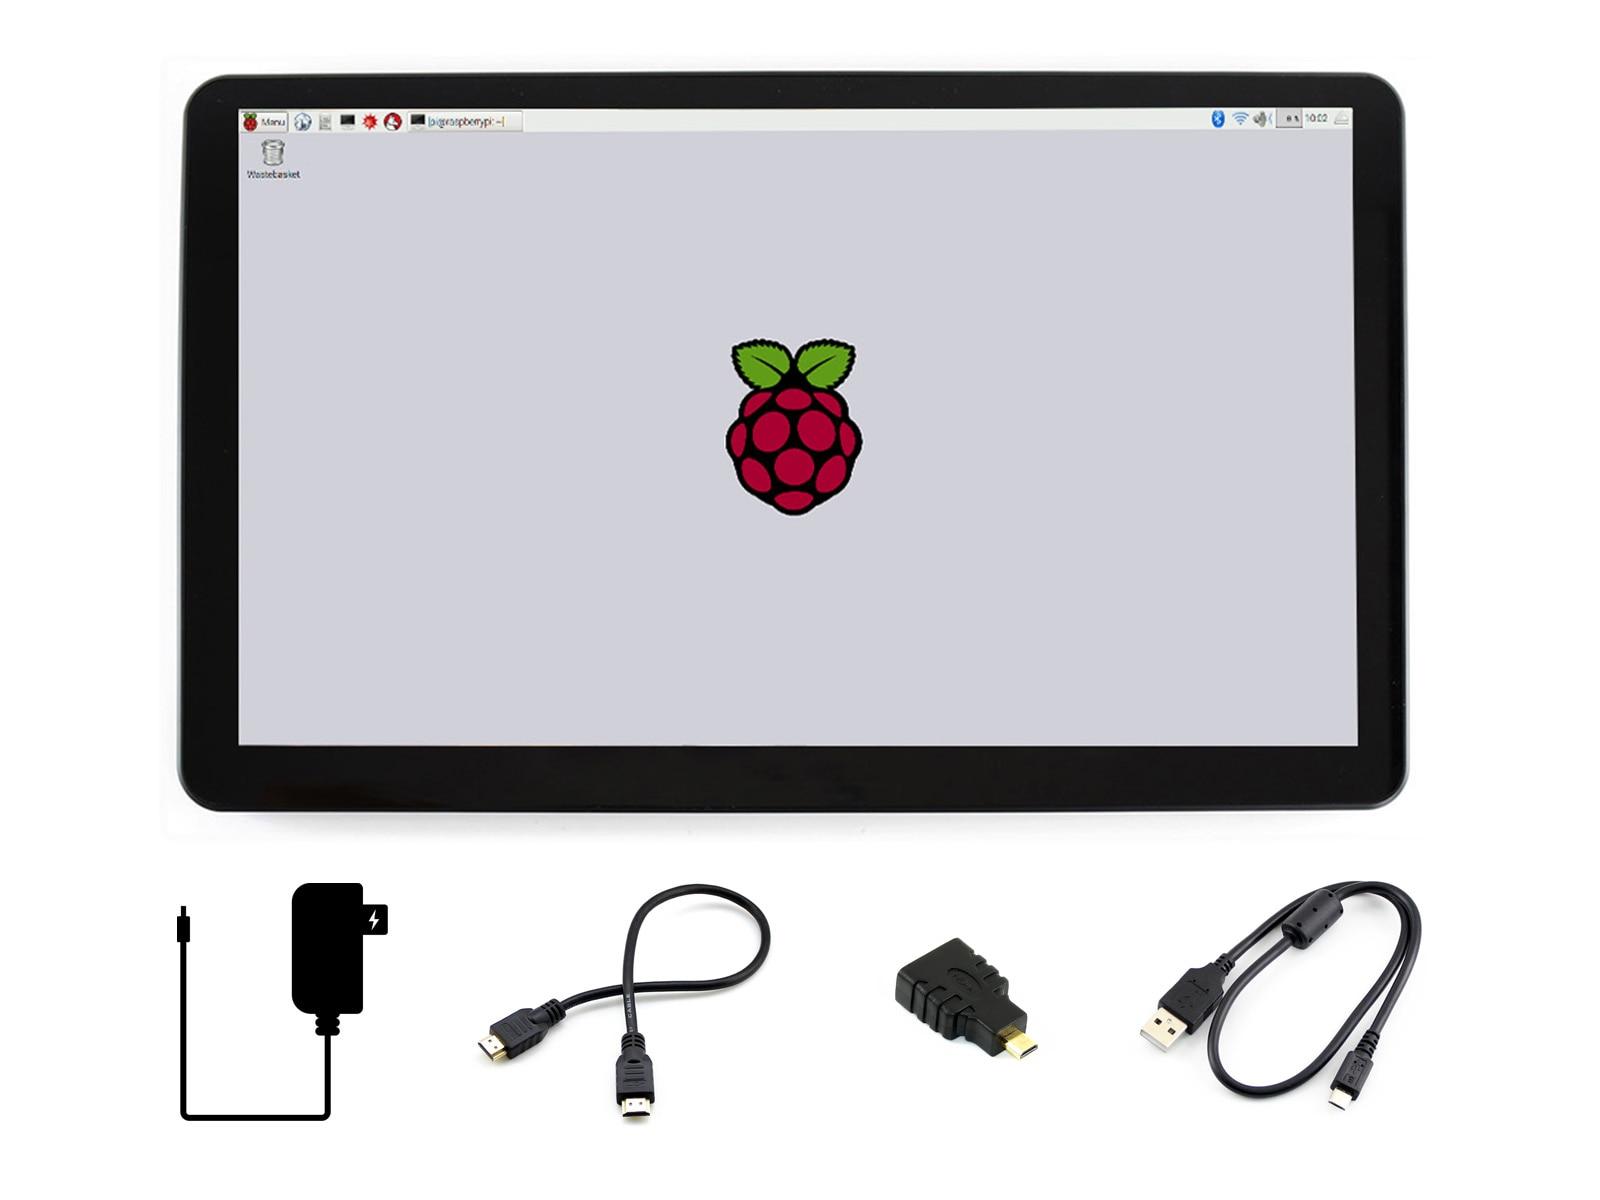 شاشة عرض HDMI LCD باللمس 15.6 بوصة IPS 1920*1080 مع غطاء زجاجي مقوى لأجهزة راسبيري بي بي بي أسود عام